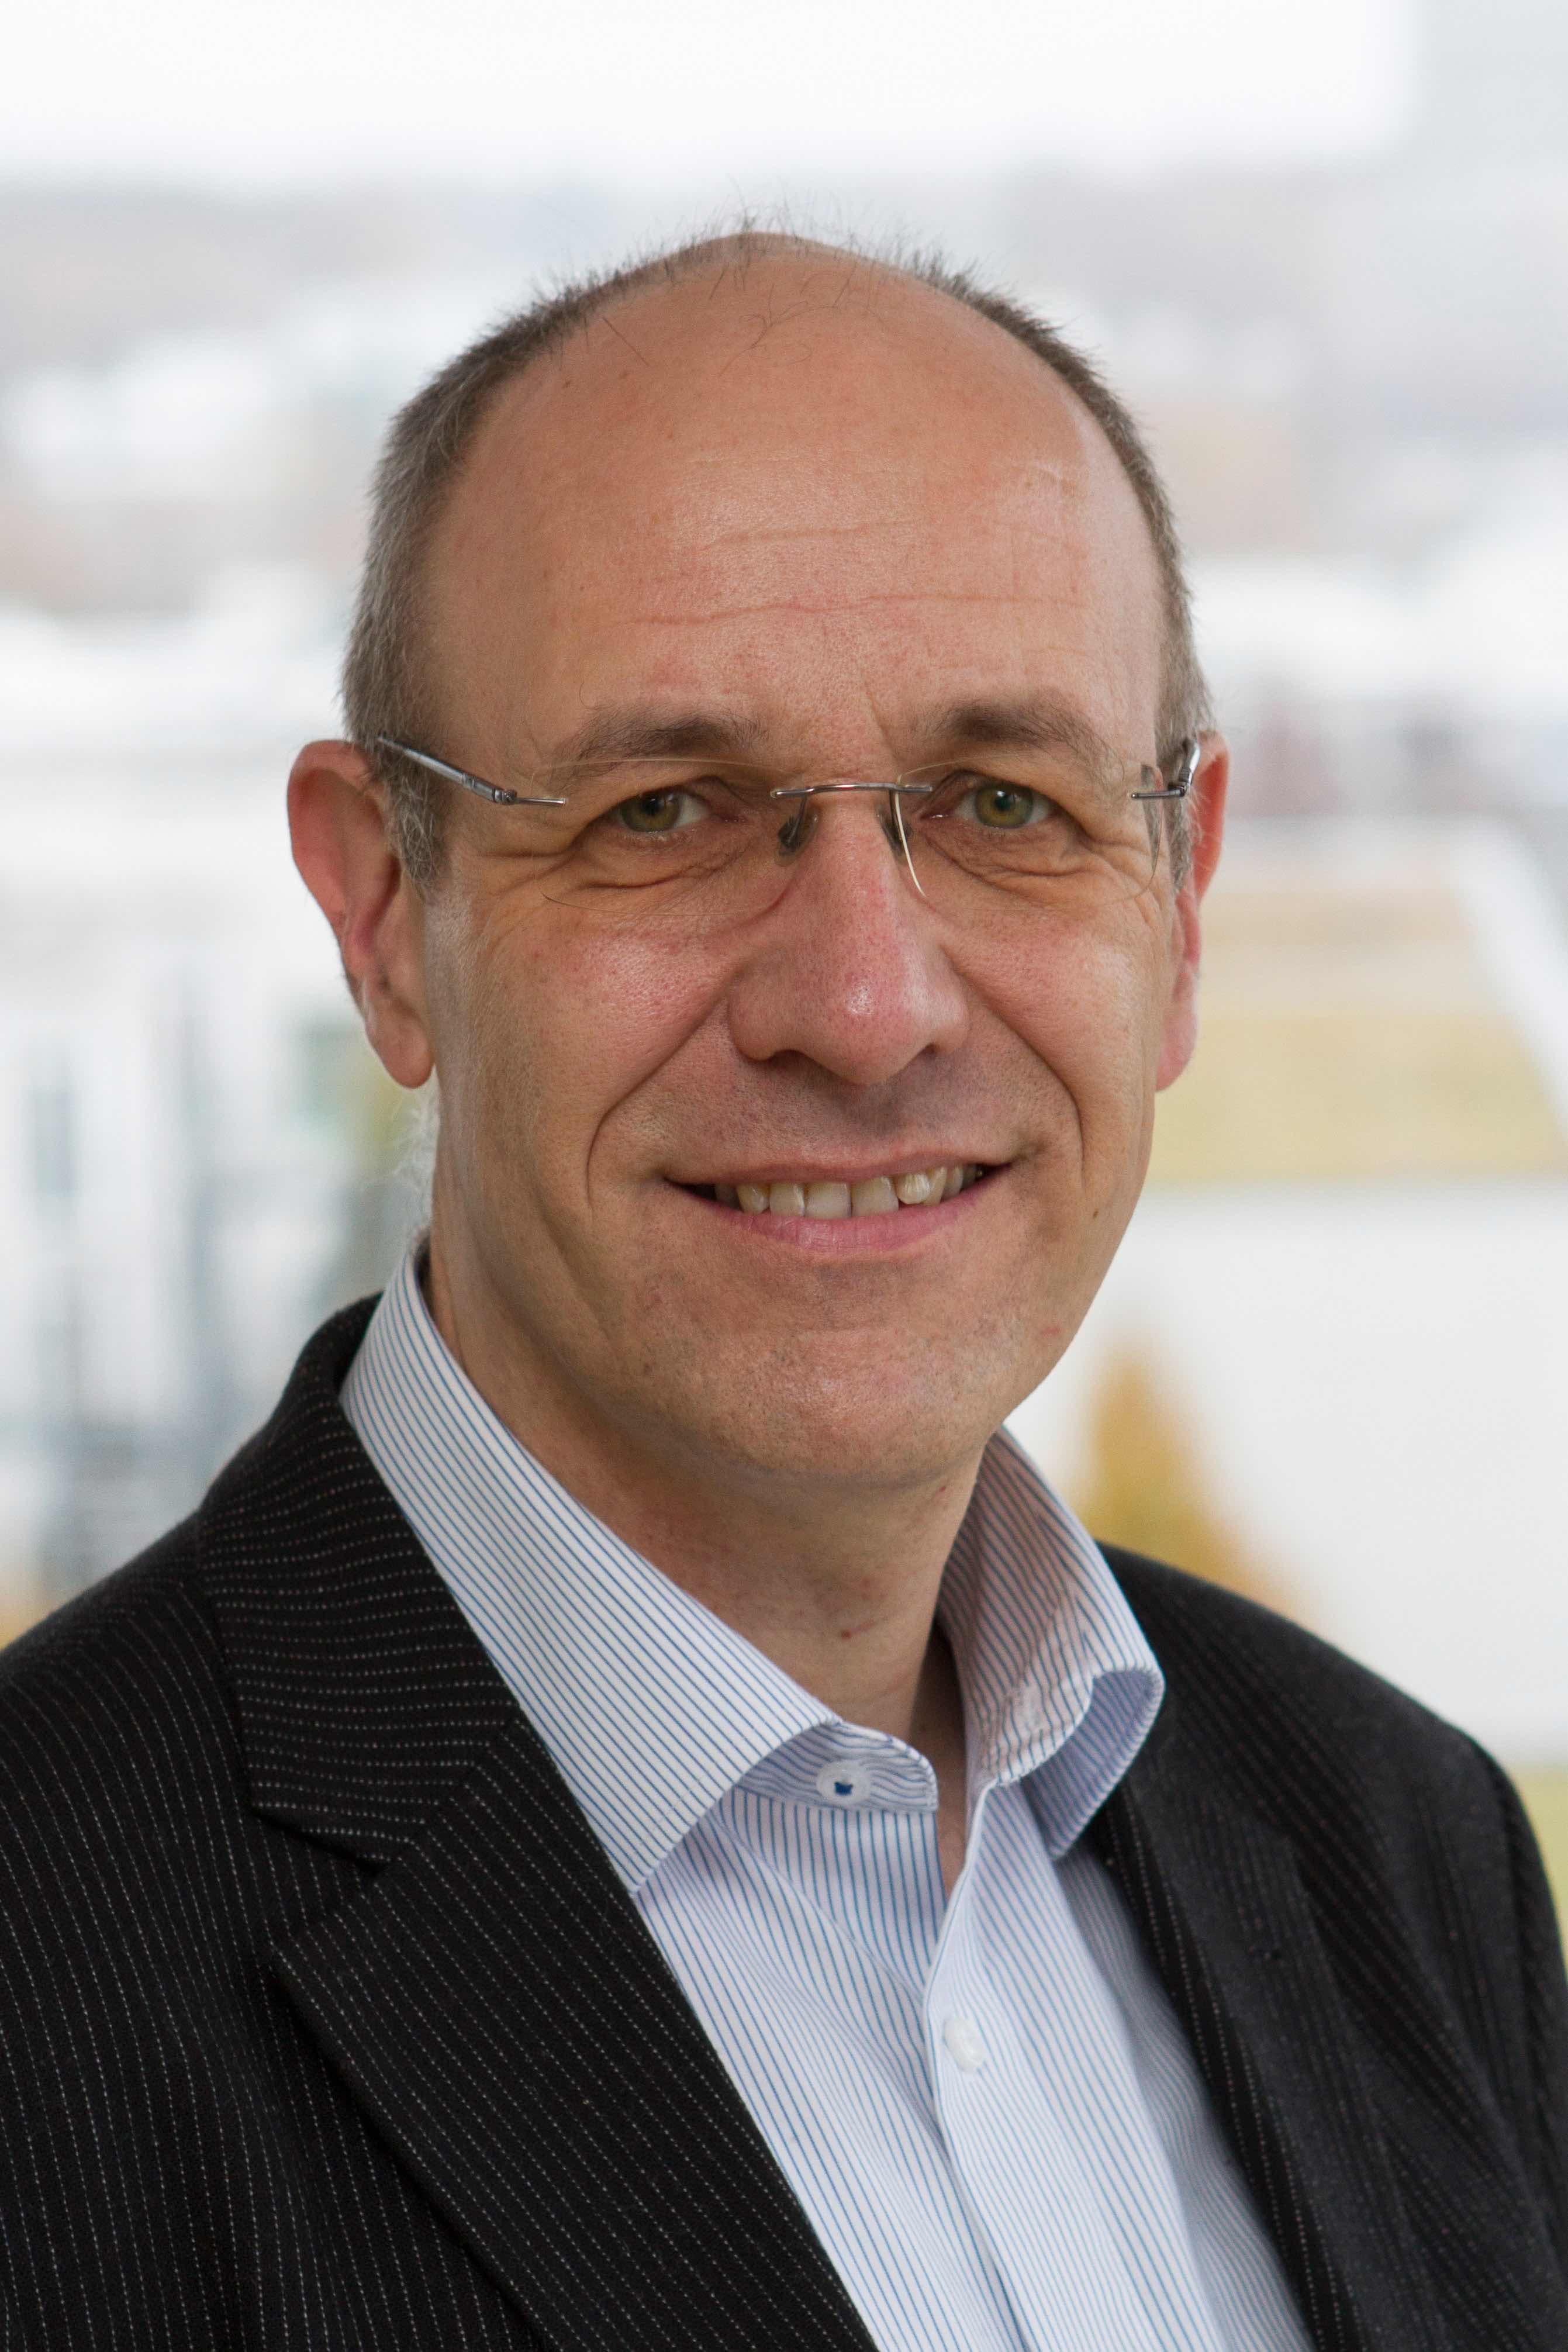 Schule im Jahr 2030 – ein Interview mit Prof. Dr. Frank Thissen